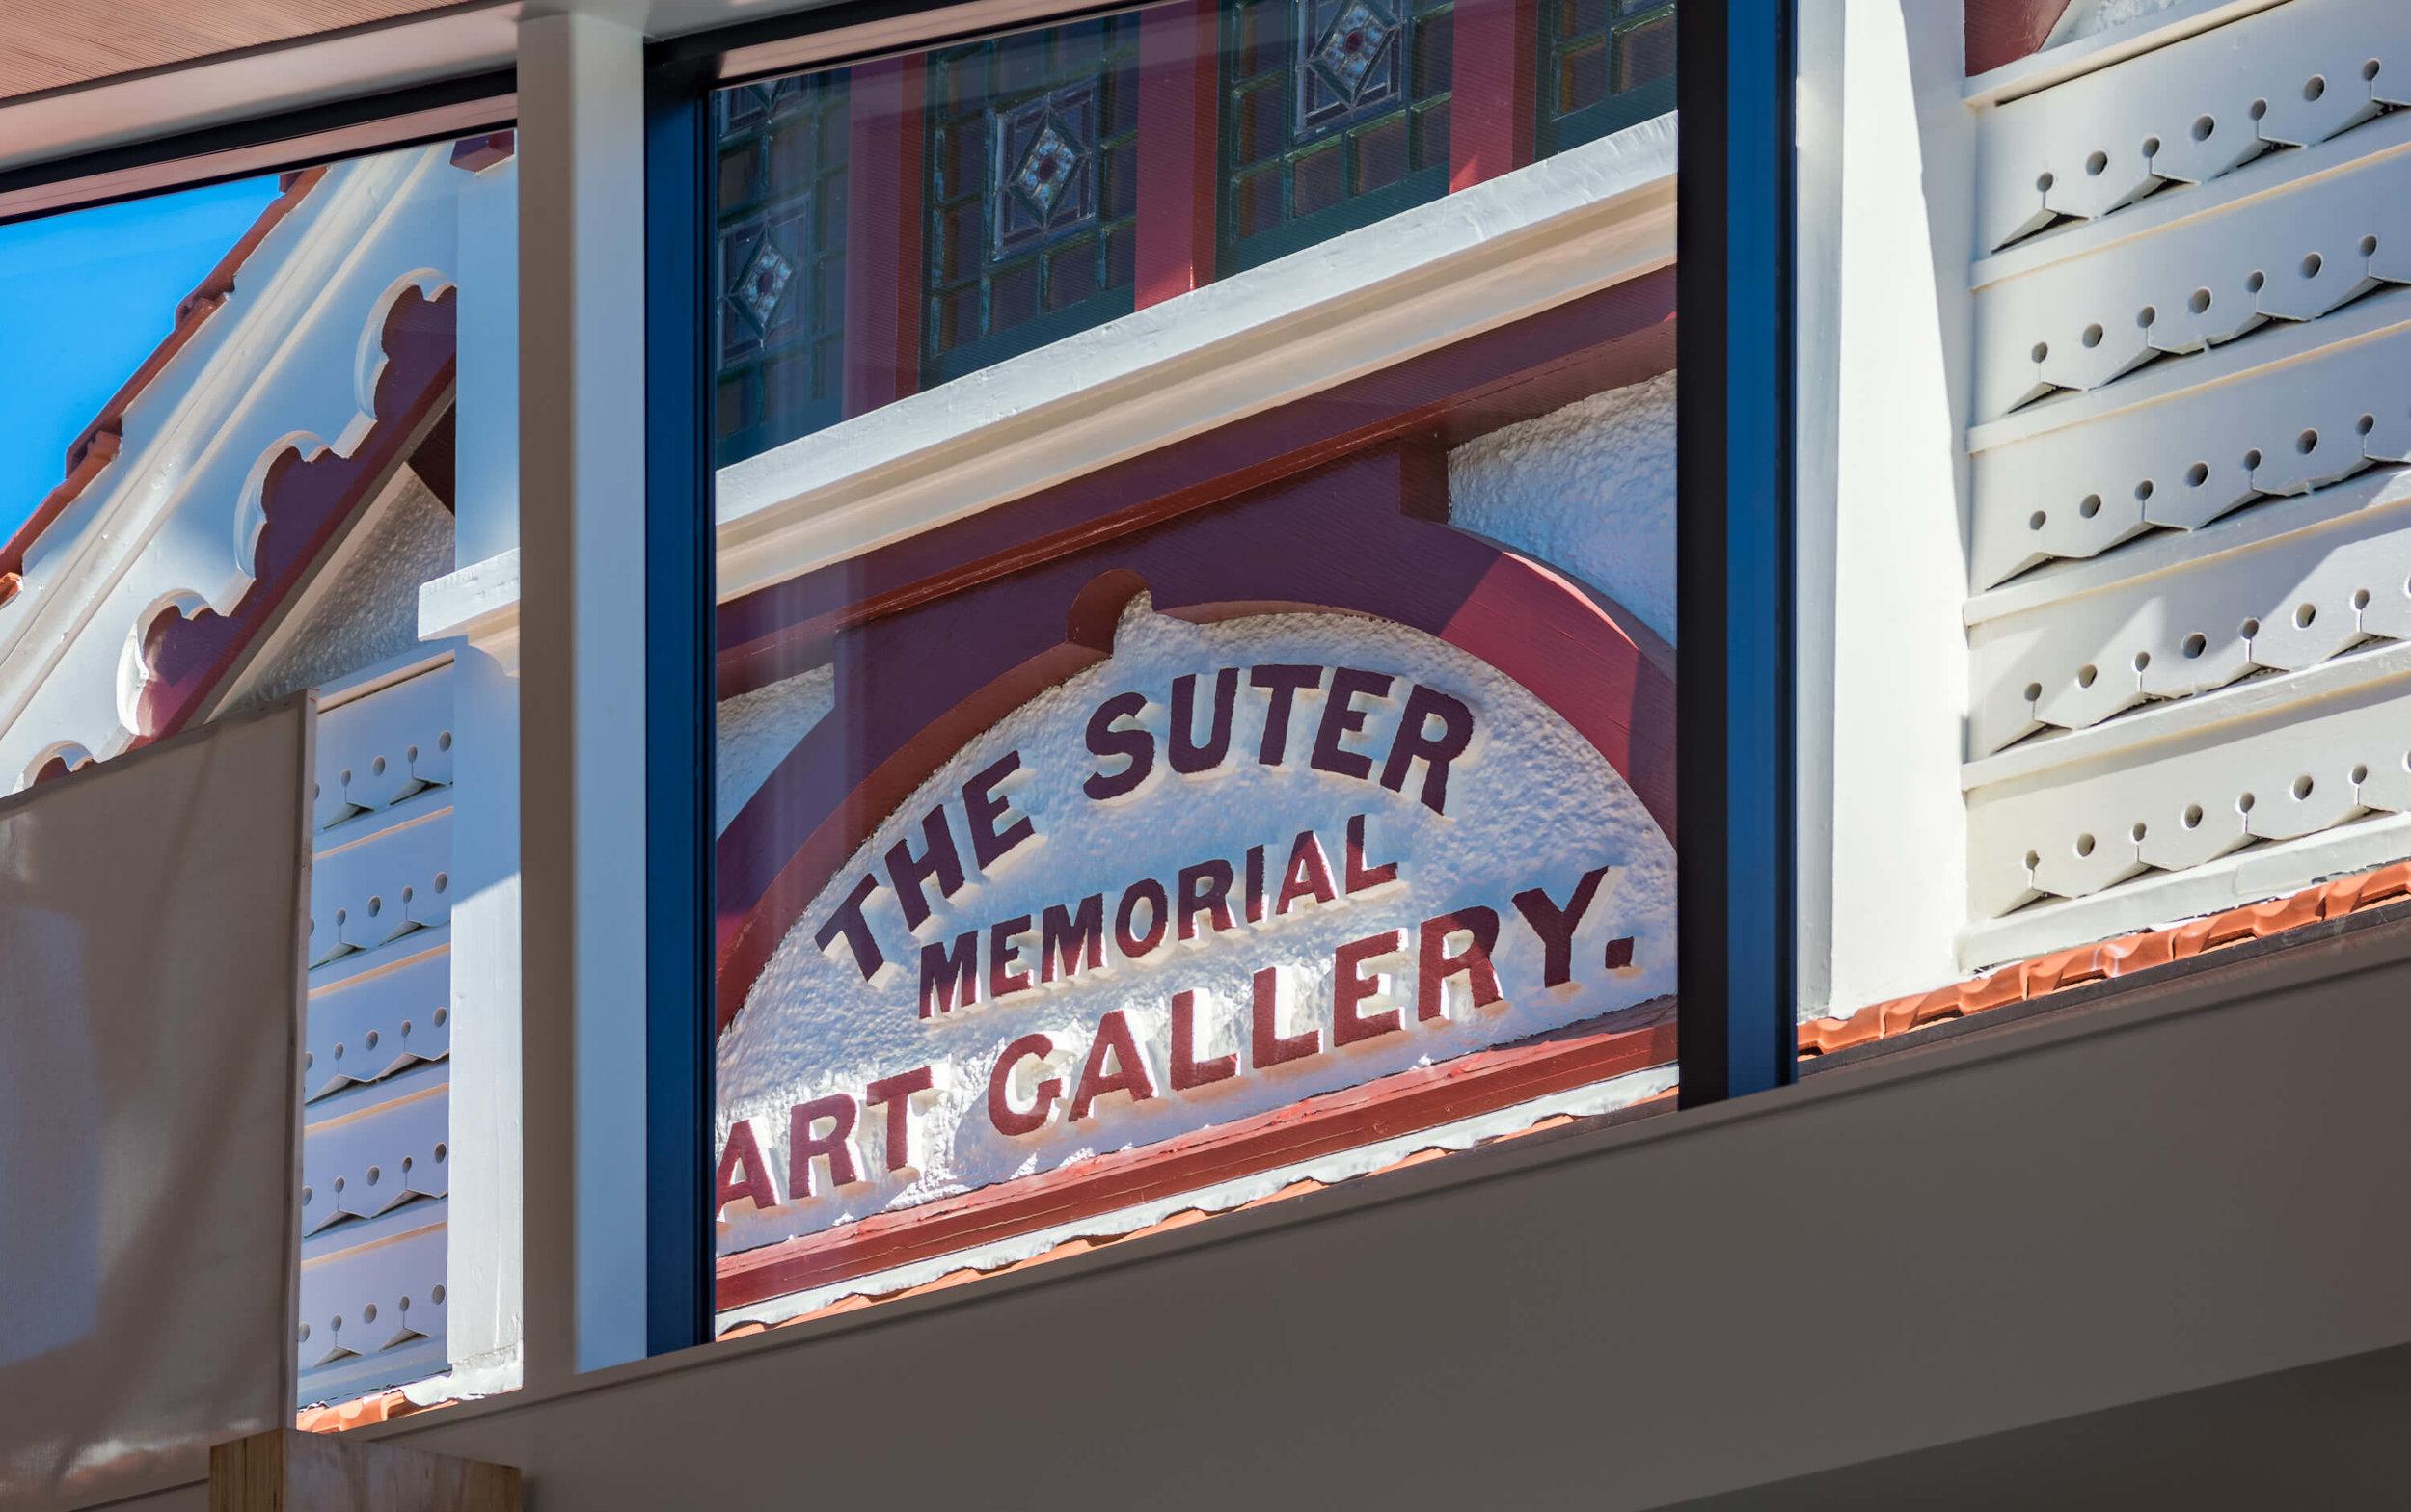 The Suter original name